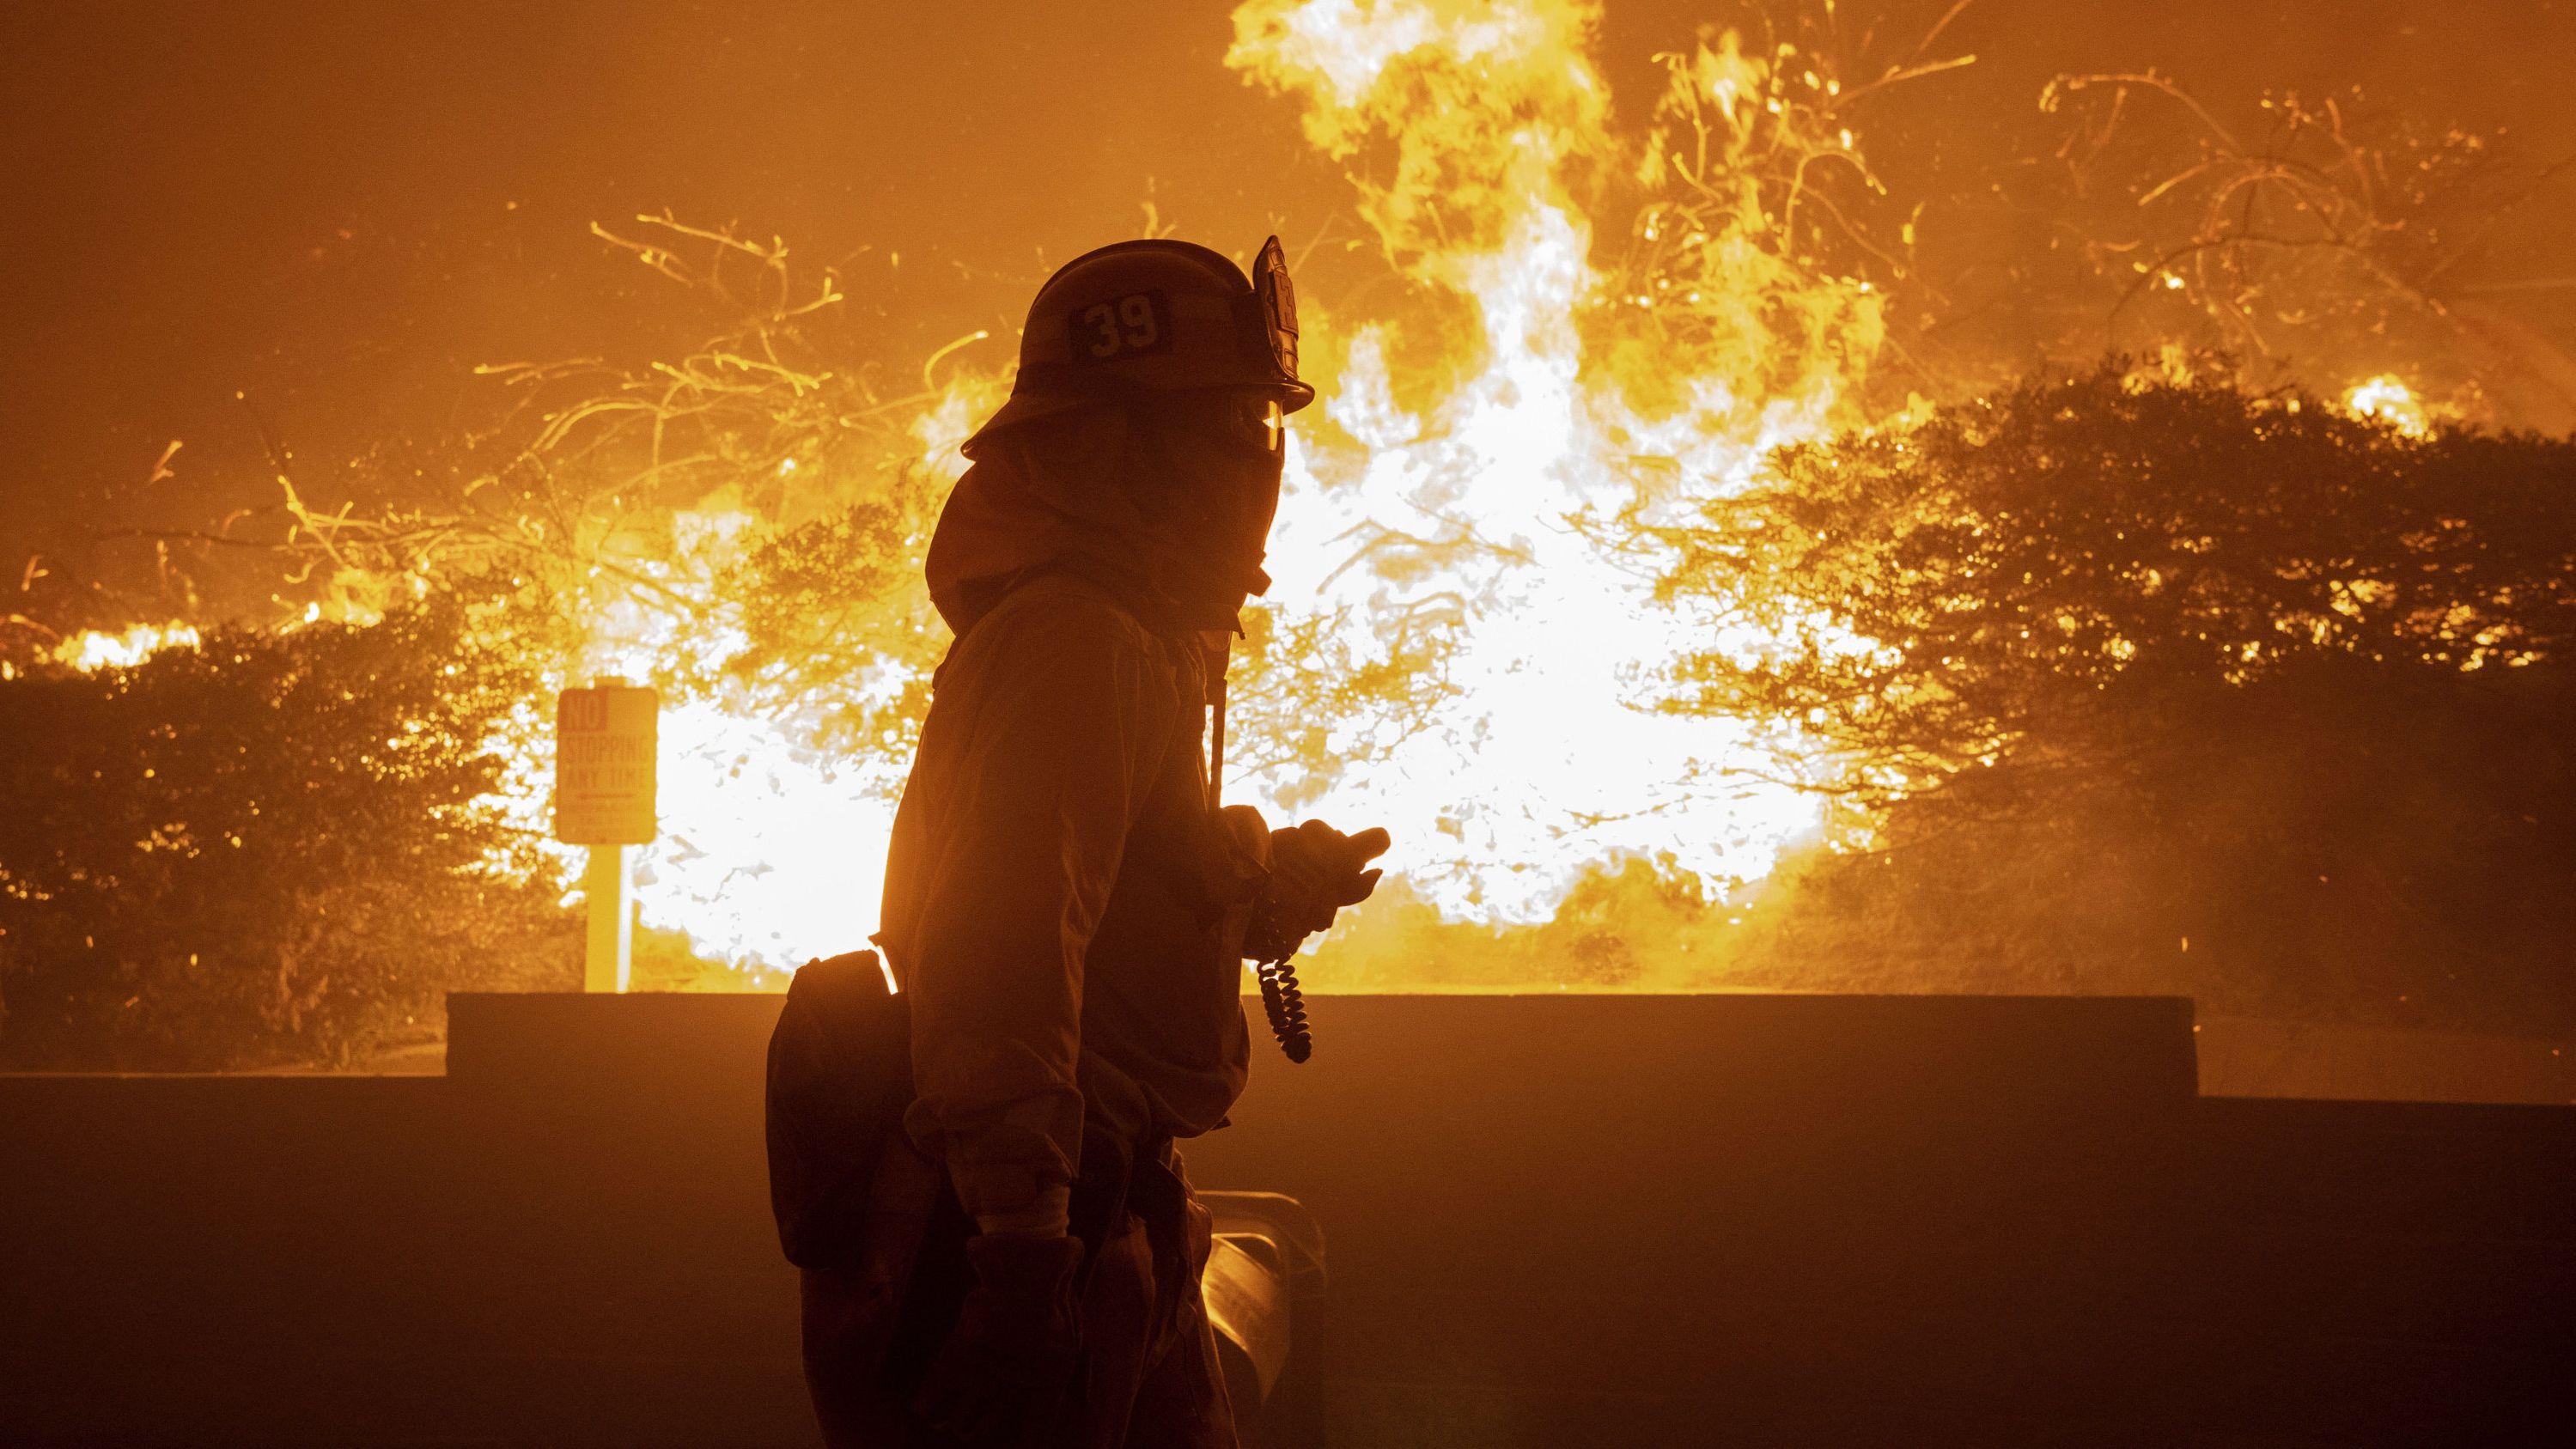 Ein Feuerwehrmann geht in Los Angeles an brennenden Bäumen vorbei (11.10.19).